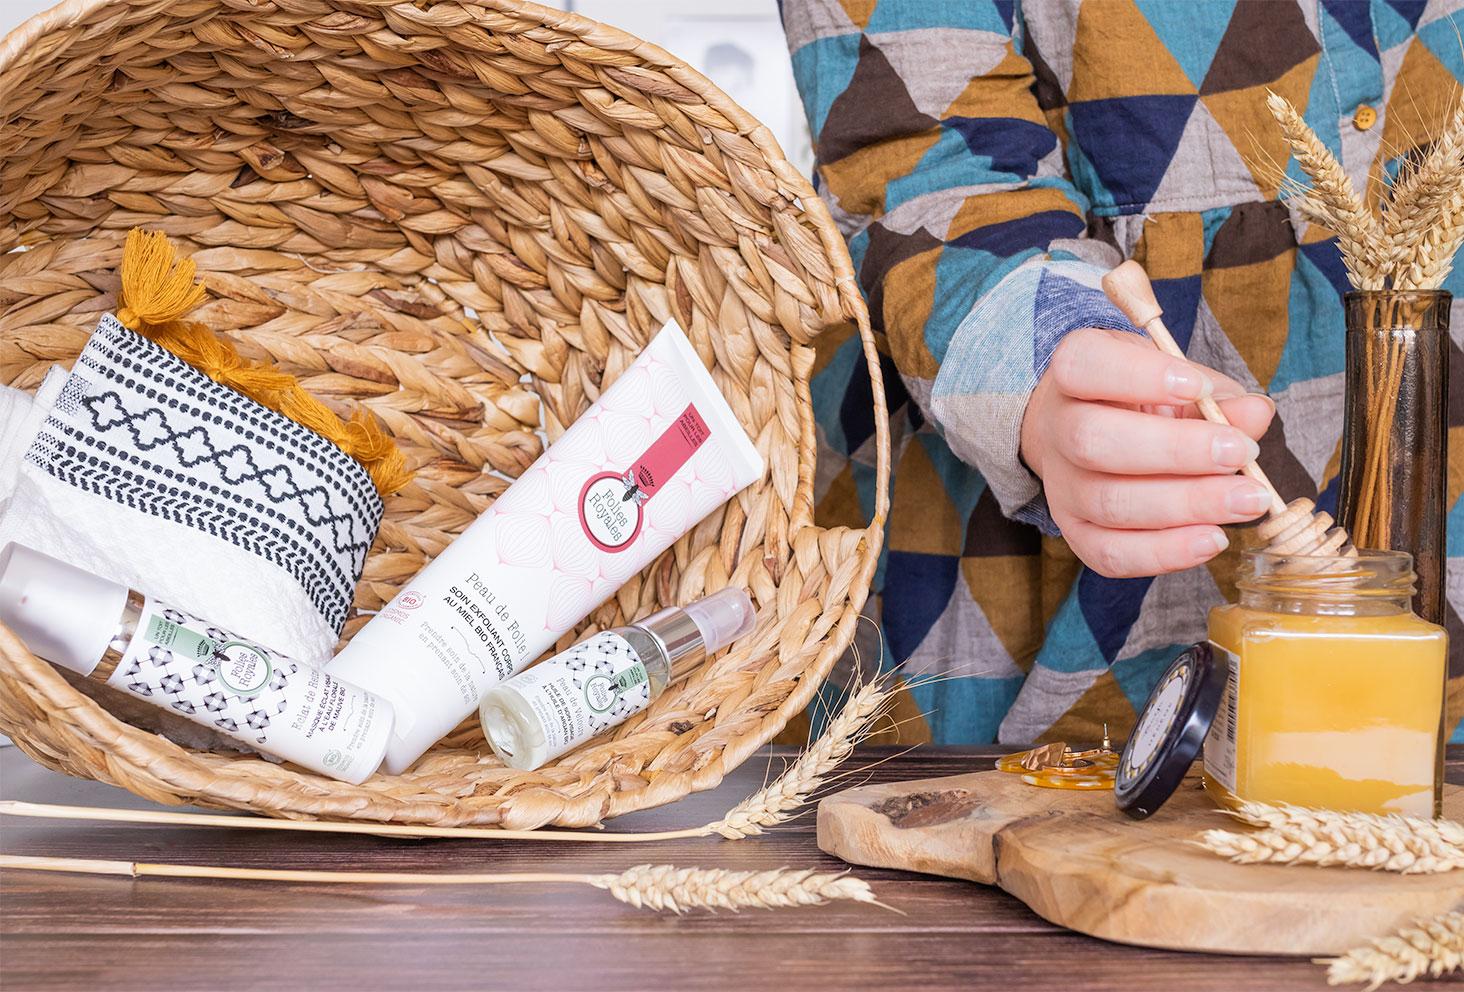 La gamme de produits Folies Royales dans un panier en osier, à côté d'un pot de miel et d'une cuillère de miel plongée dedans